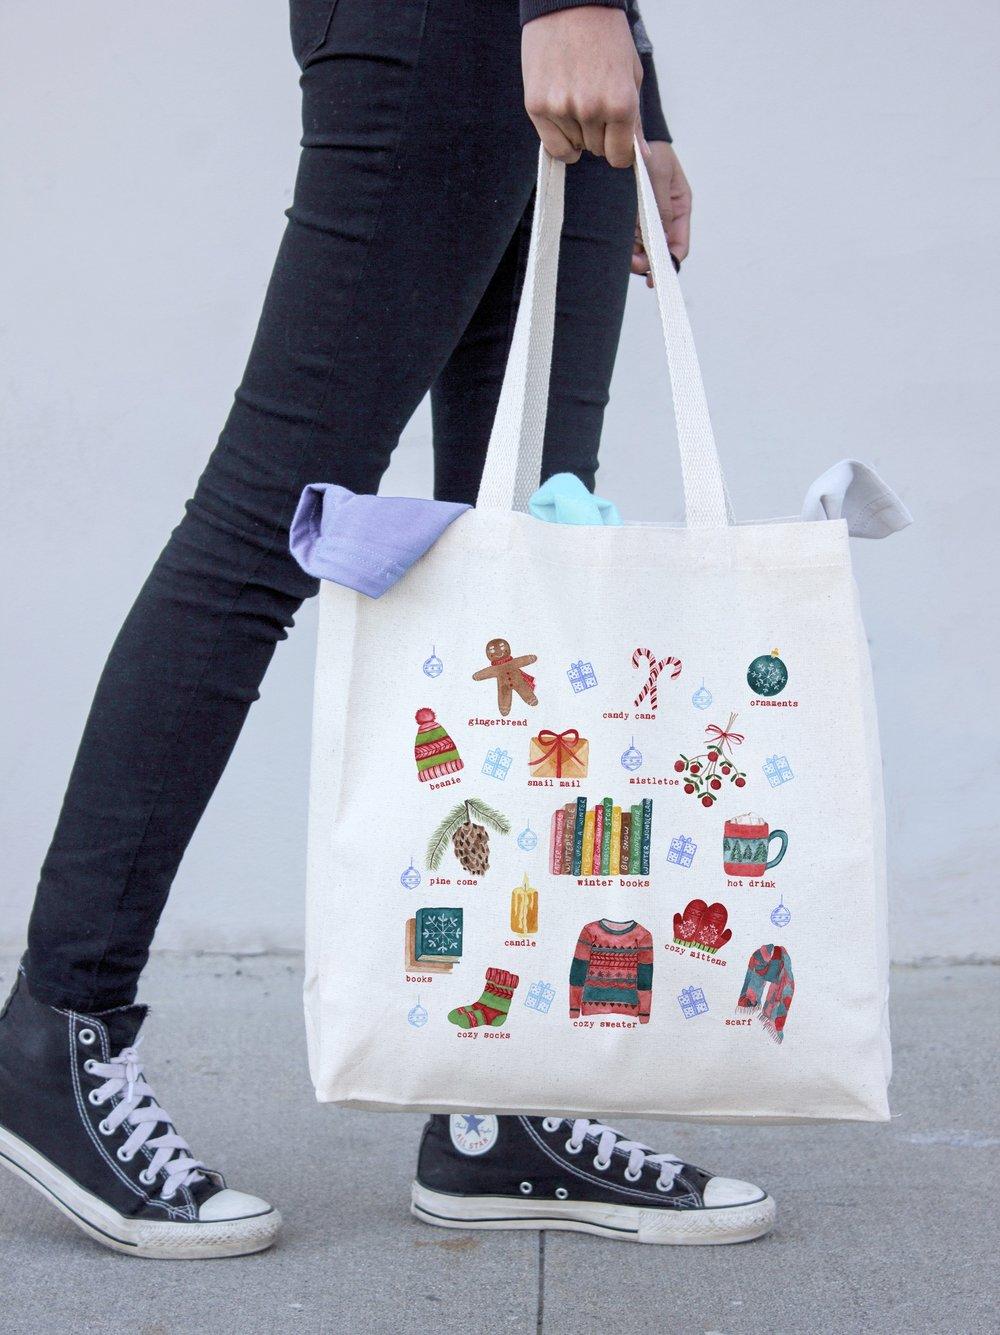 Winter favorites tote bag watercolor illustrations